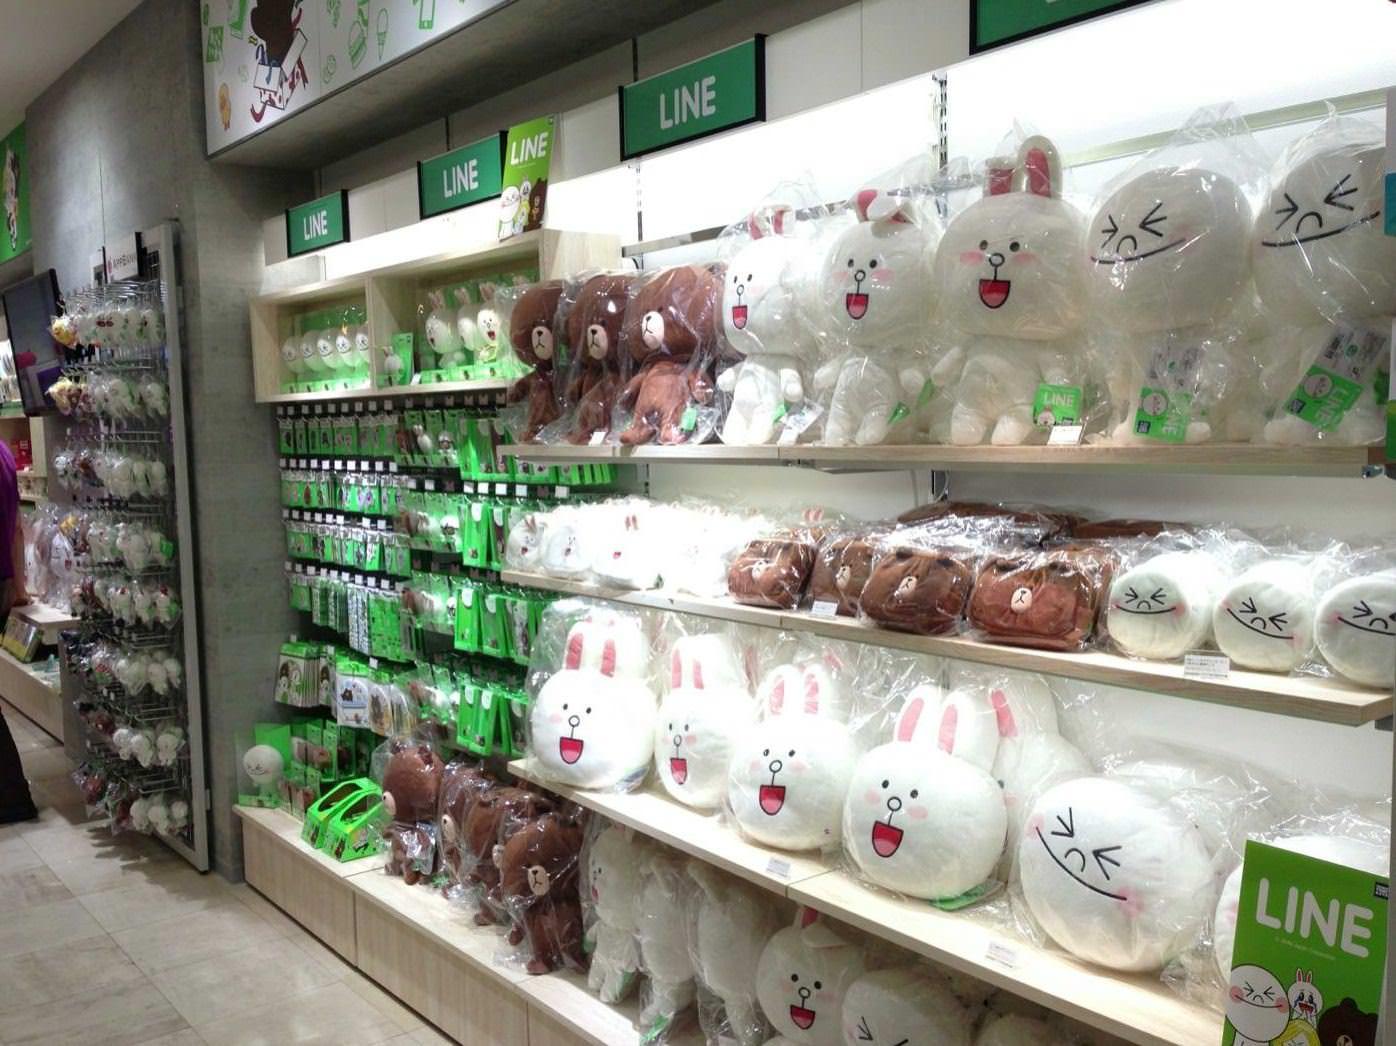 AppBank Store 新宿のLINEグッズラインナップ